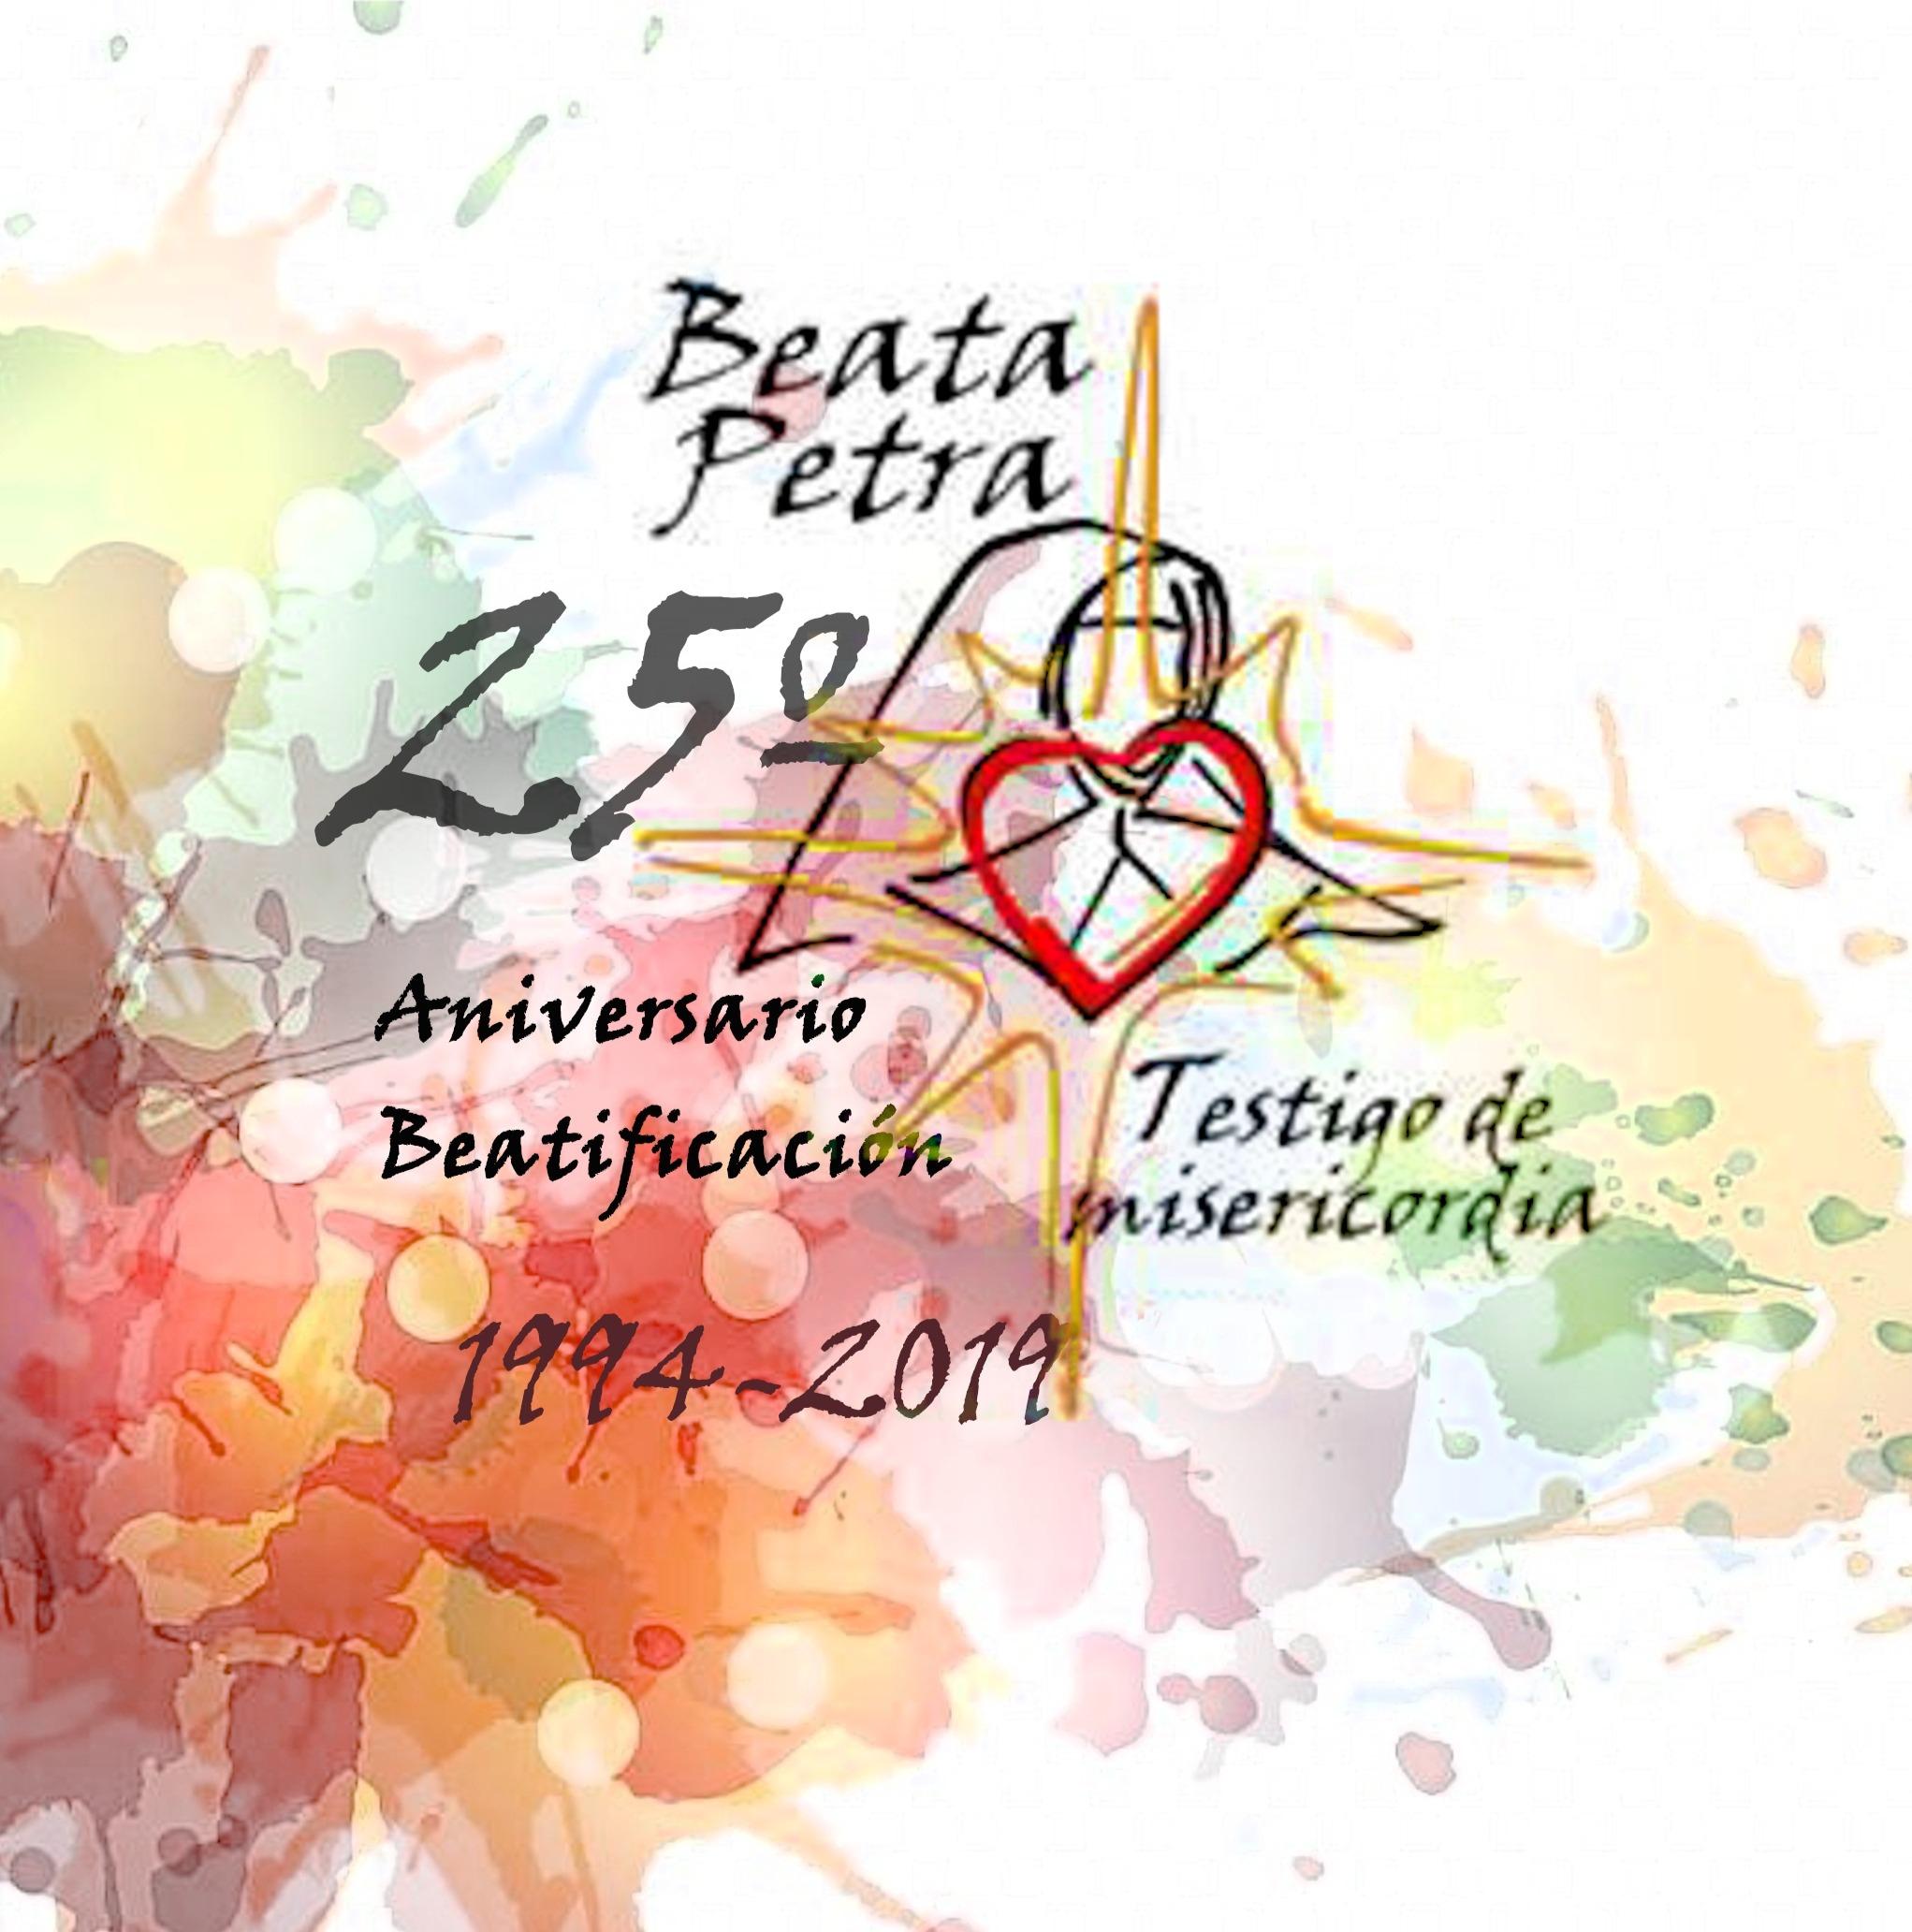 25 aniversario de la beatificación